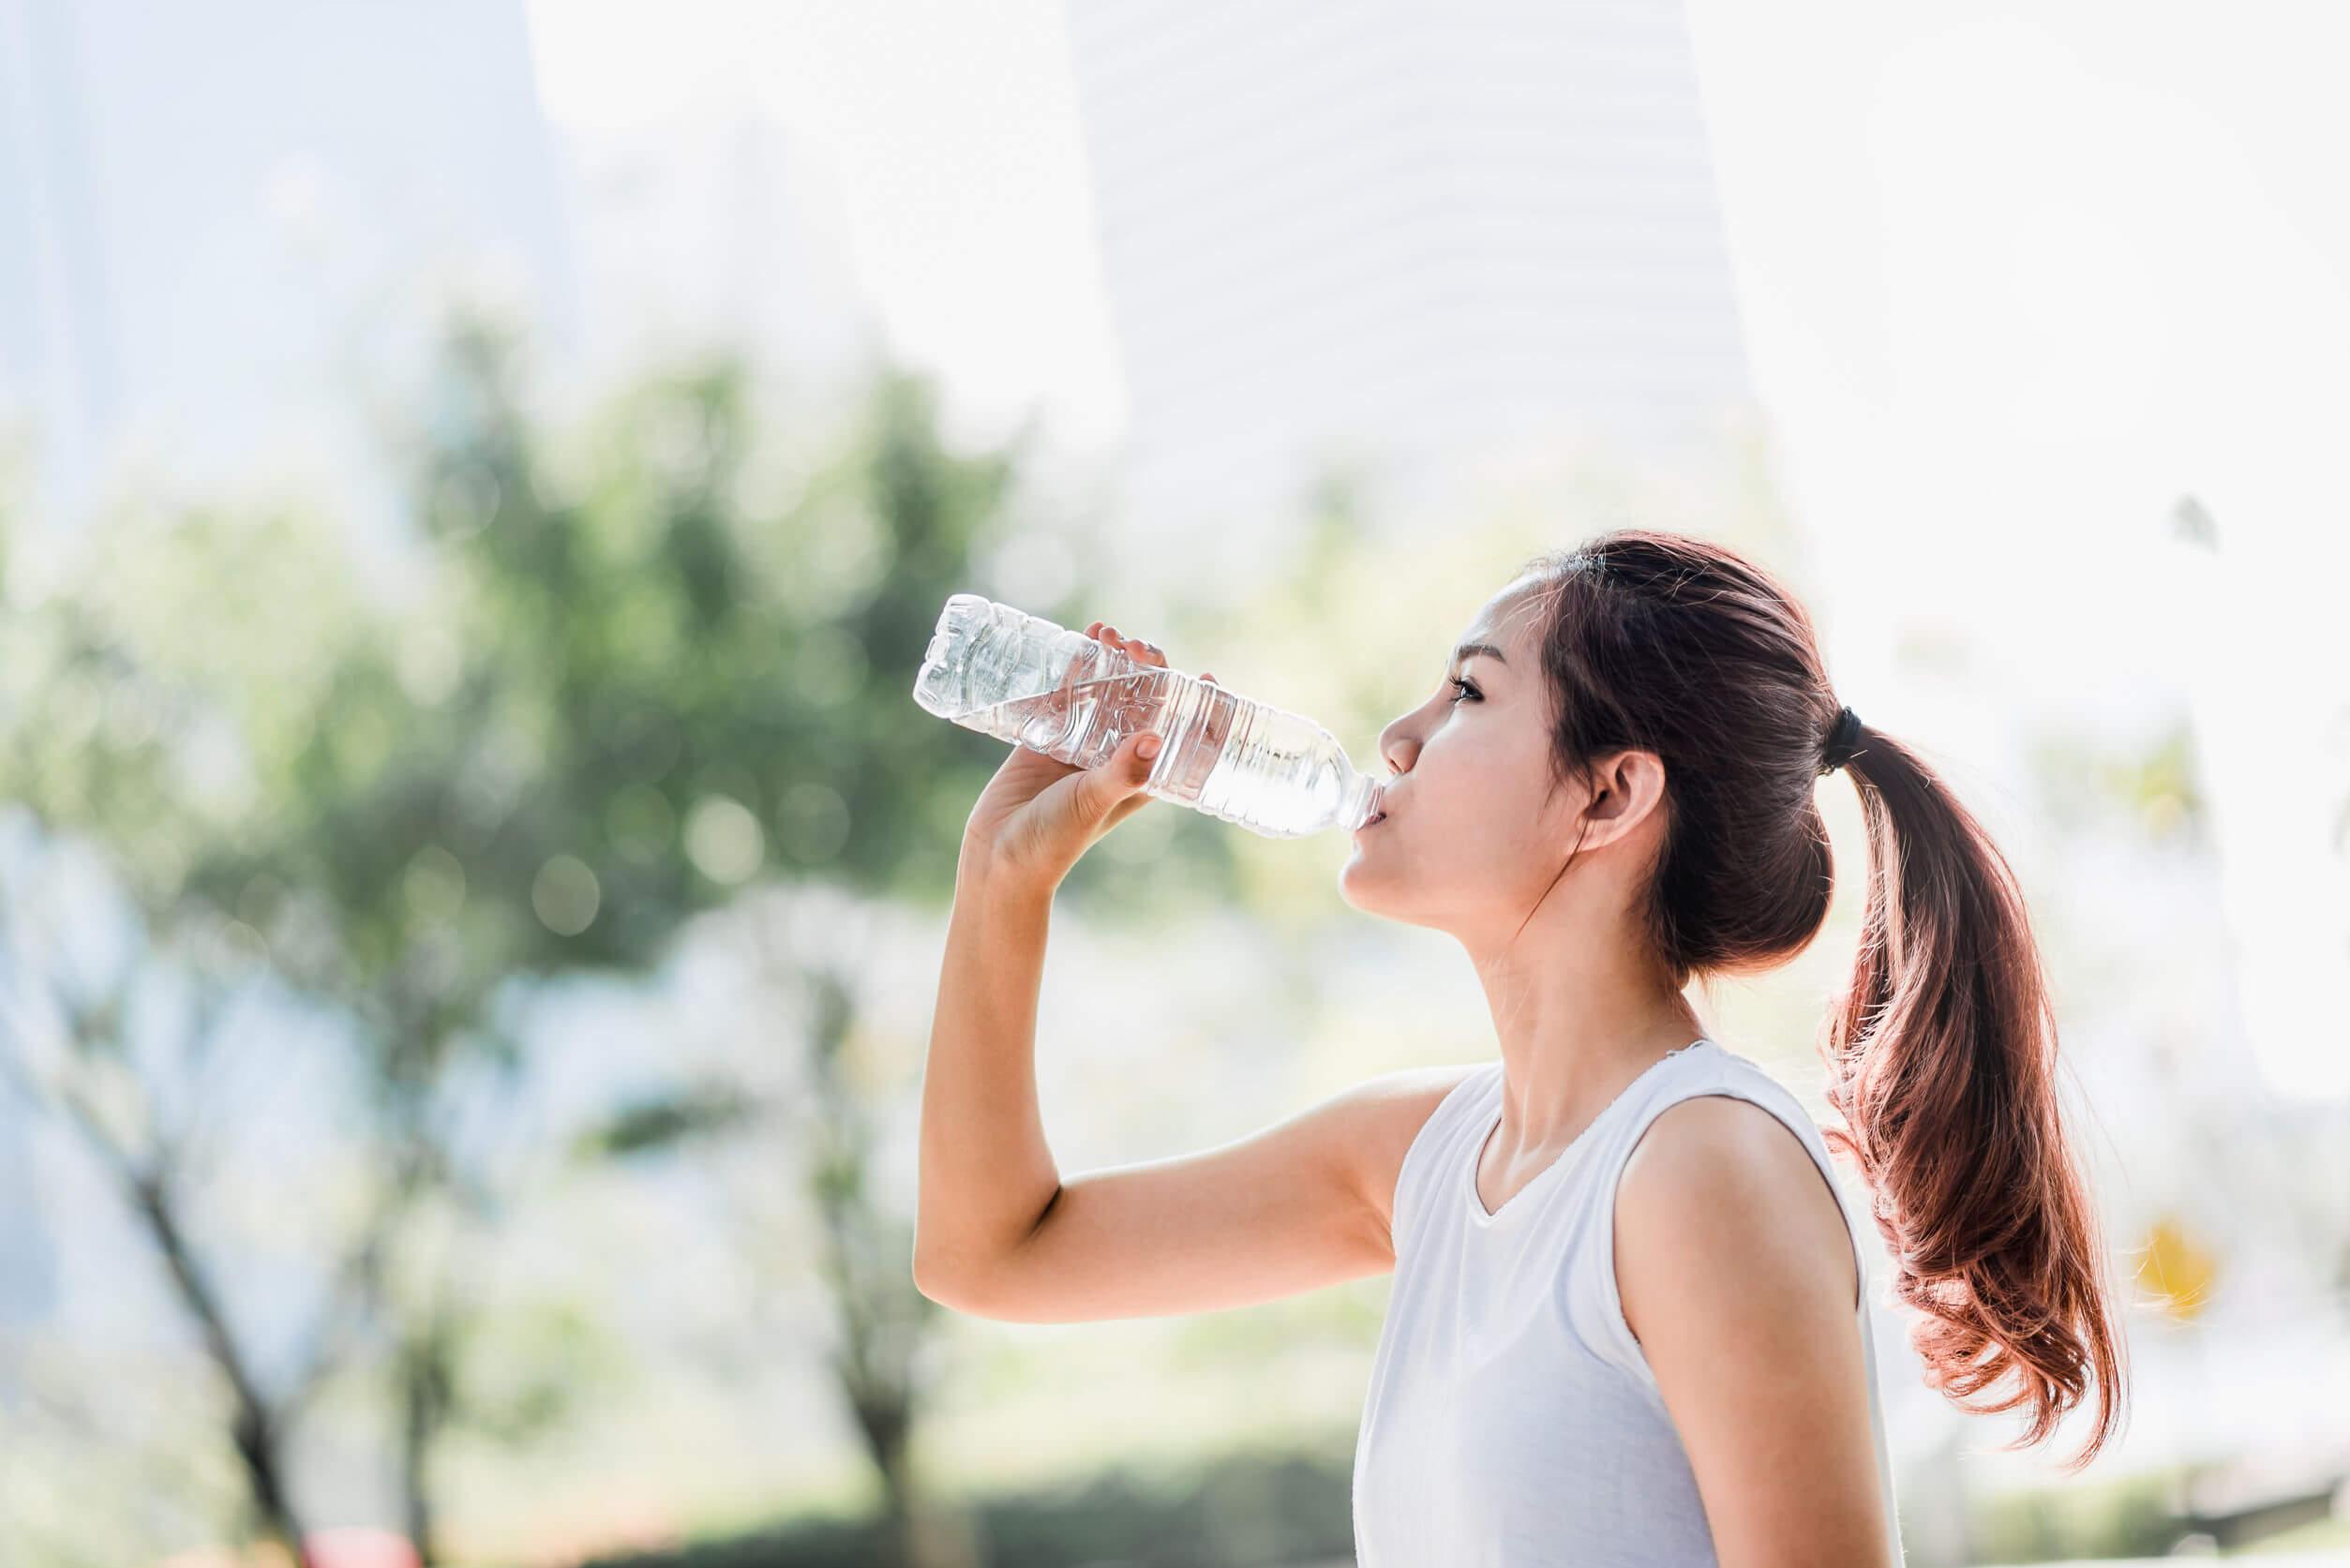 Tomar agua durante el ejercicio es vital.